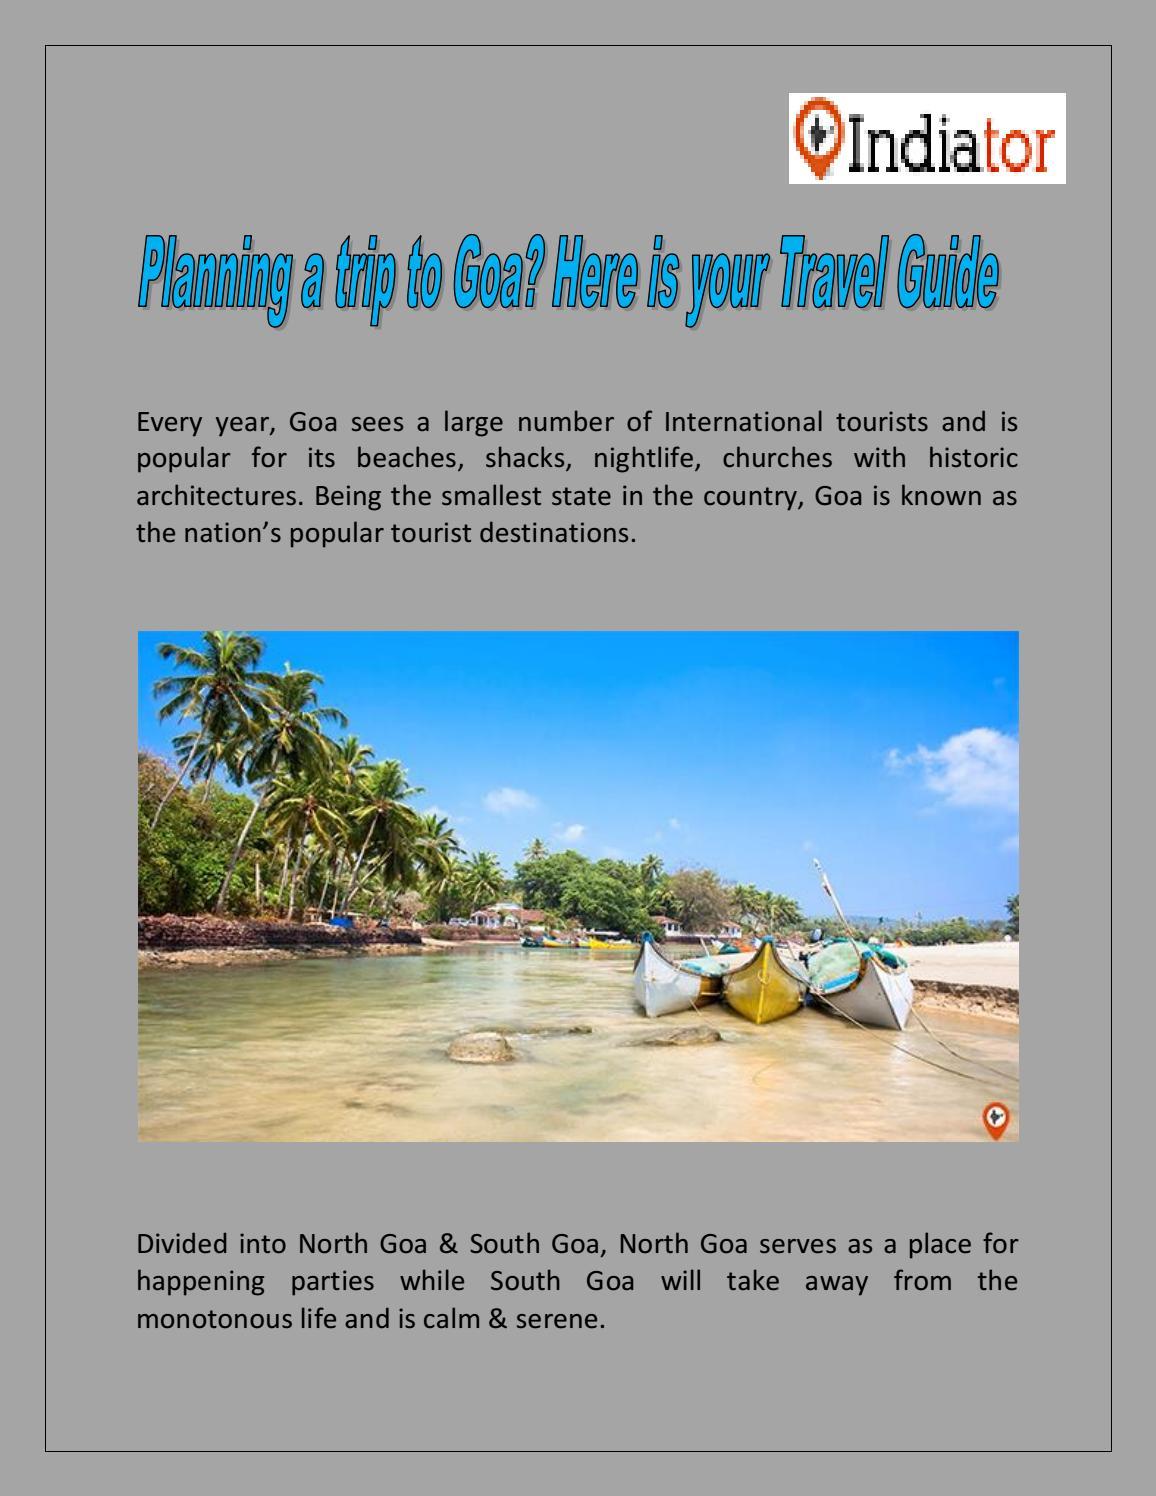 Goa tourism plan goa trip with goa travel guide.